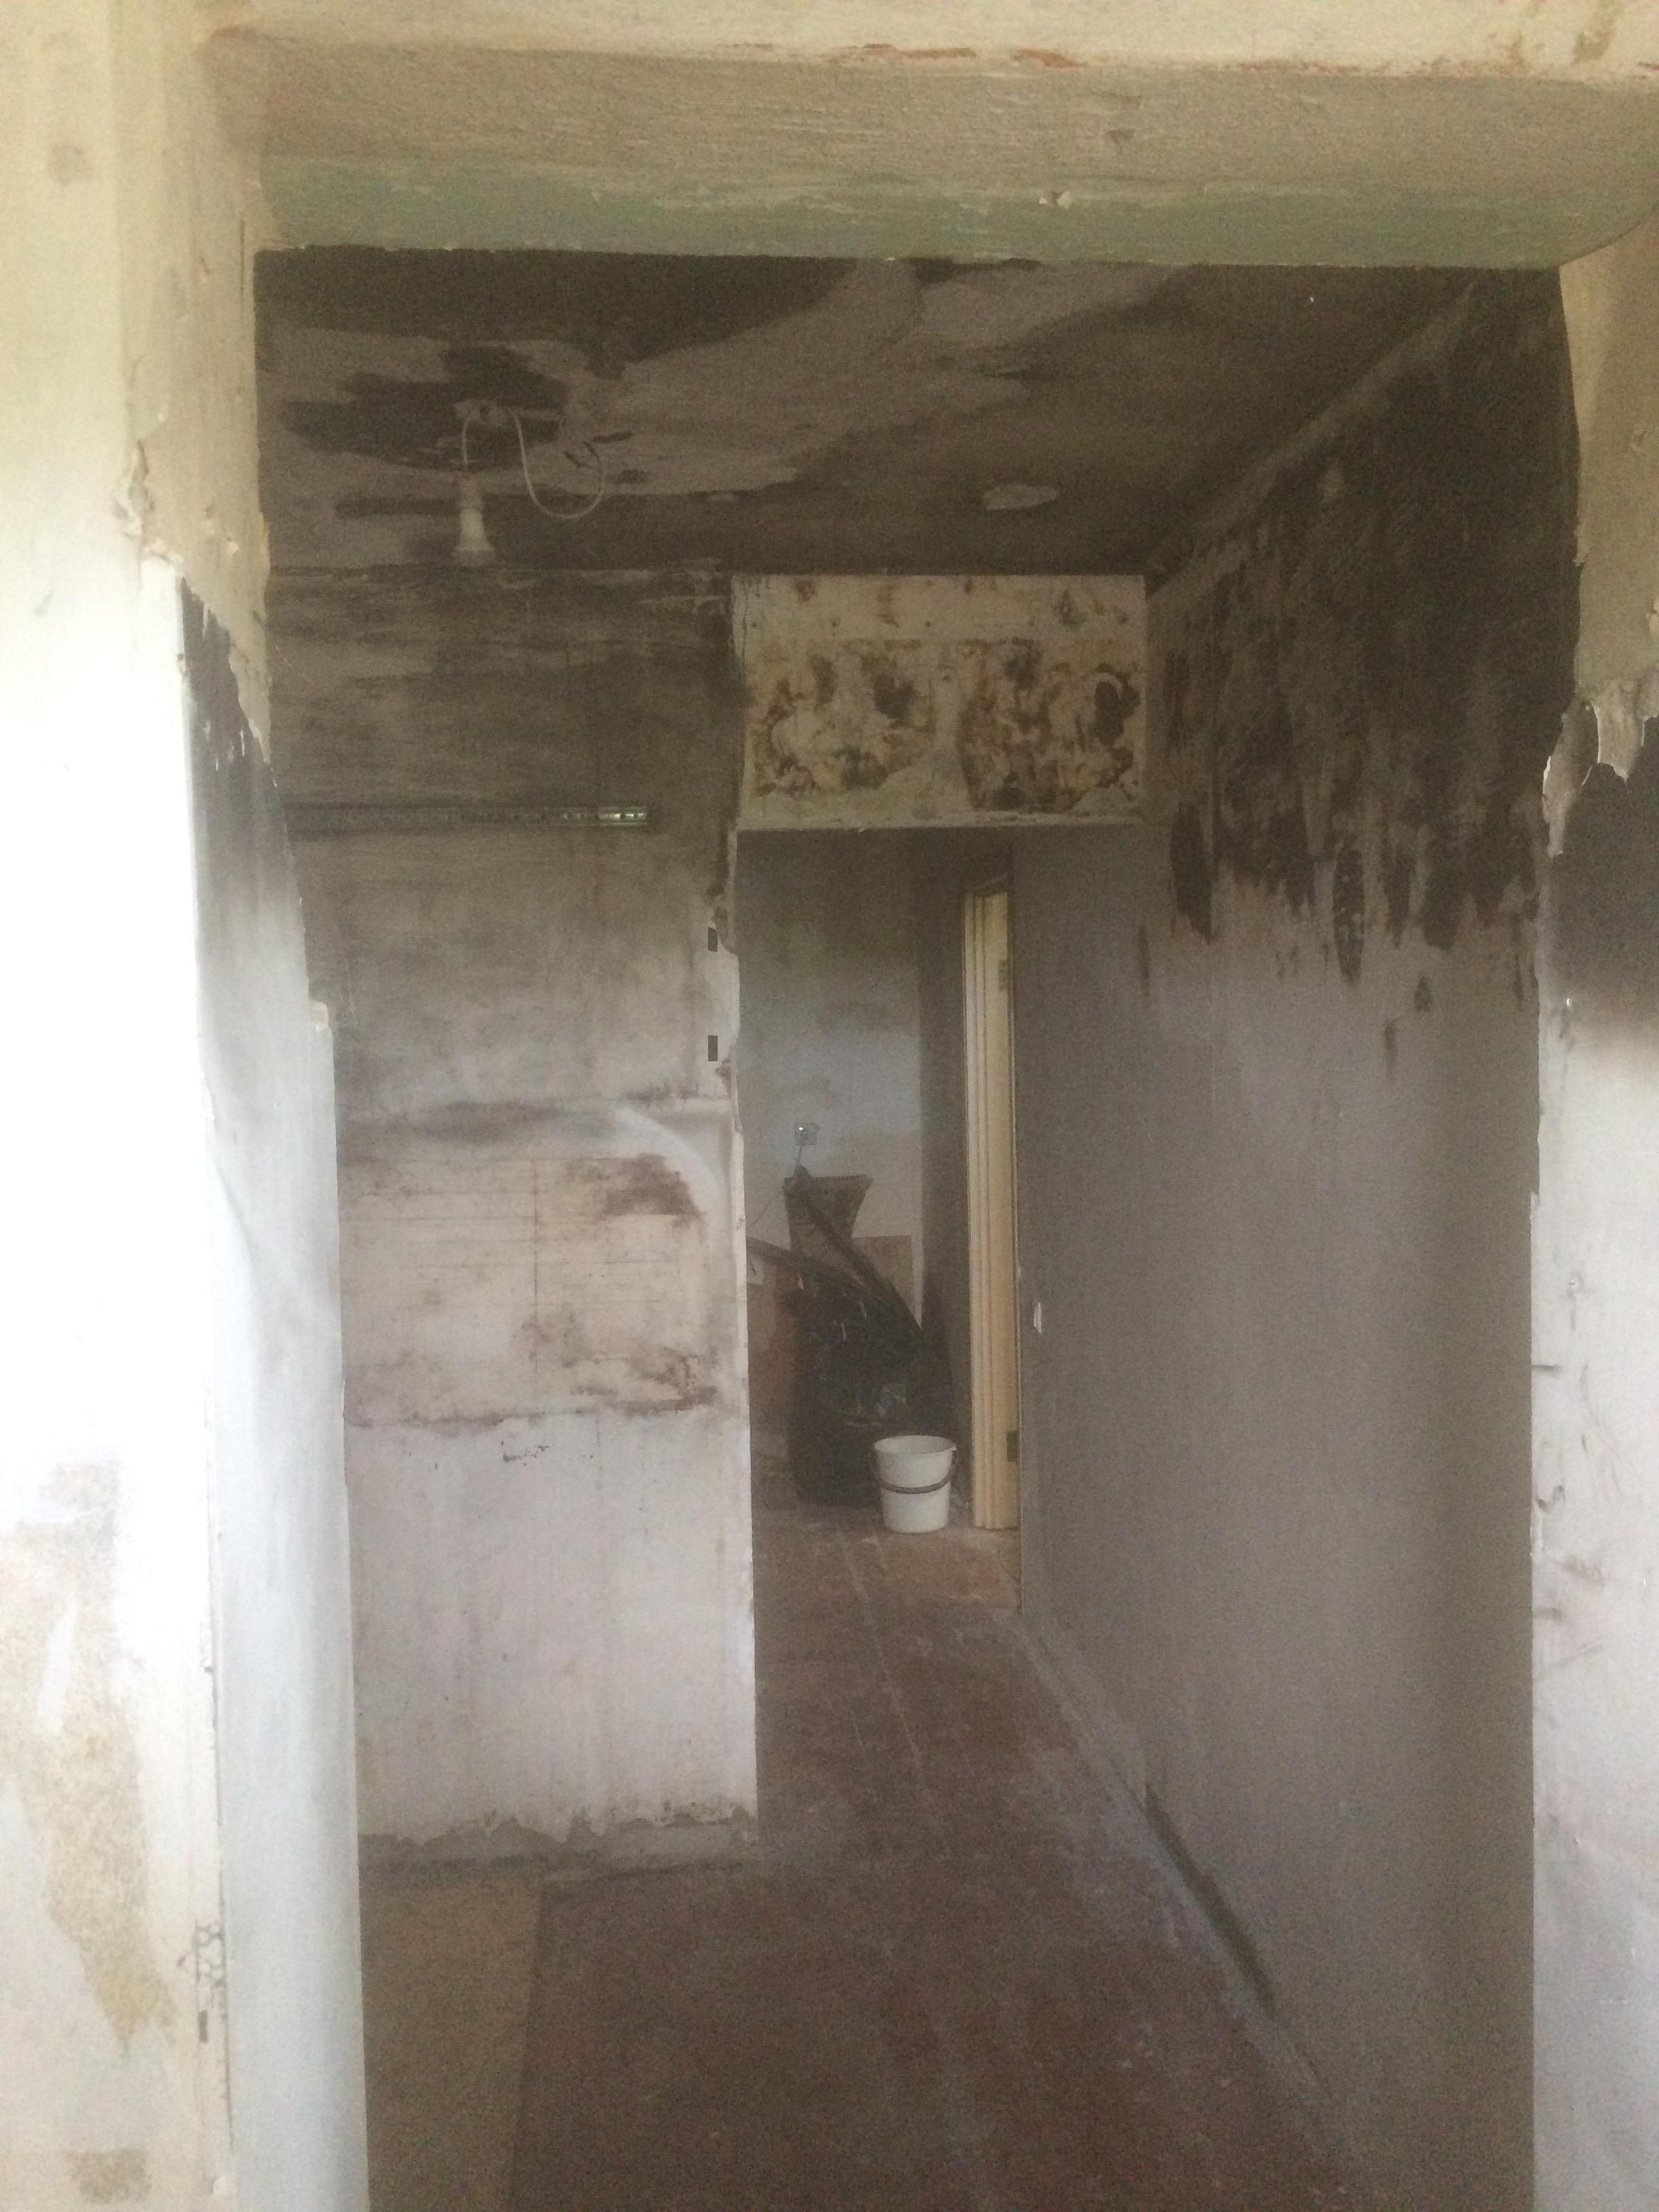 коридор 2 после пожара ремонт квартир в Севастополе